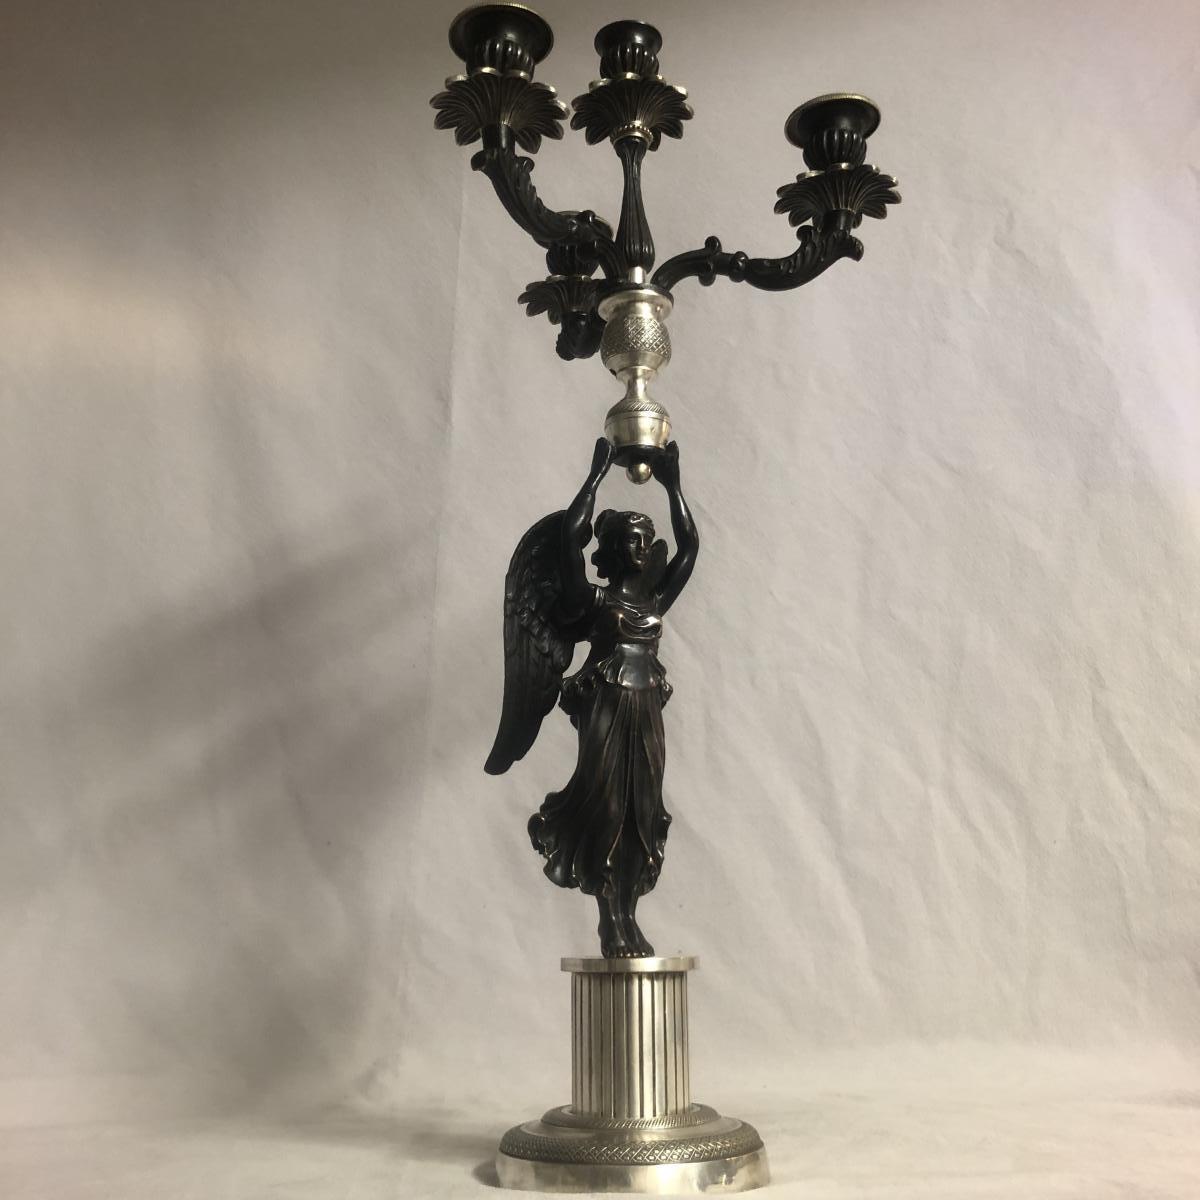 GRAND CANDELABRE FLAMBEAU époque EMPIRE à 4 bras de lumières en bronze XIXe